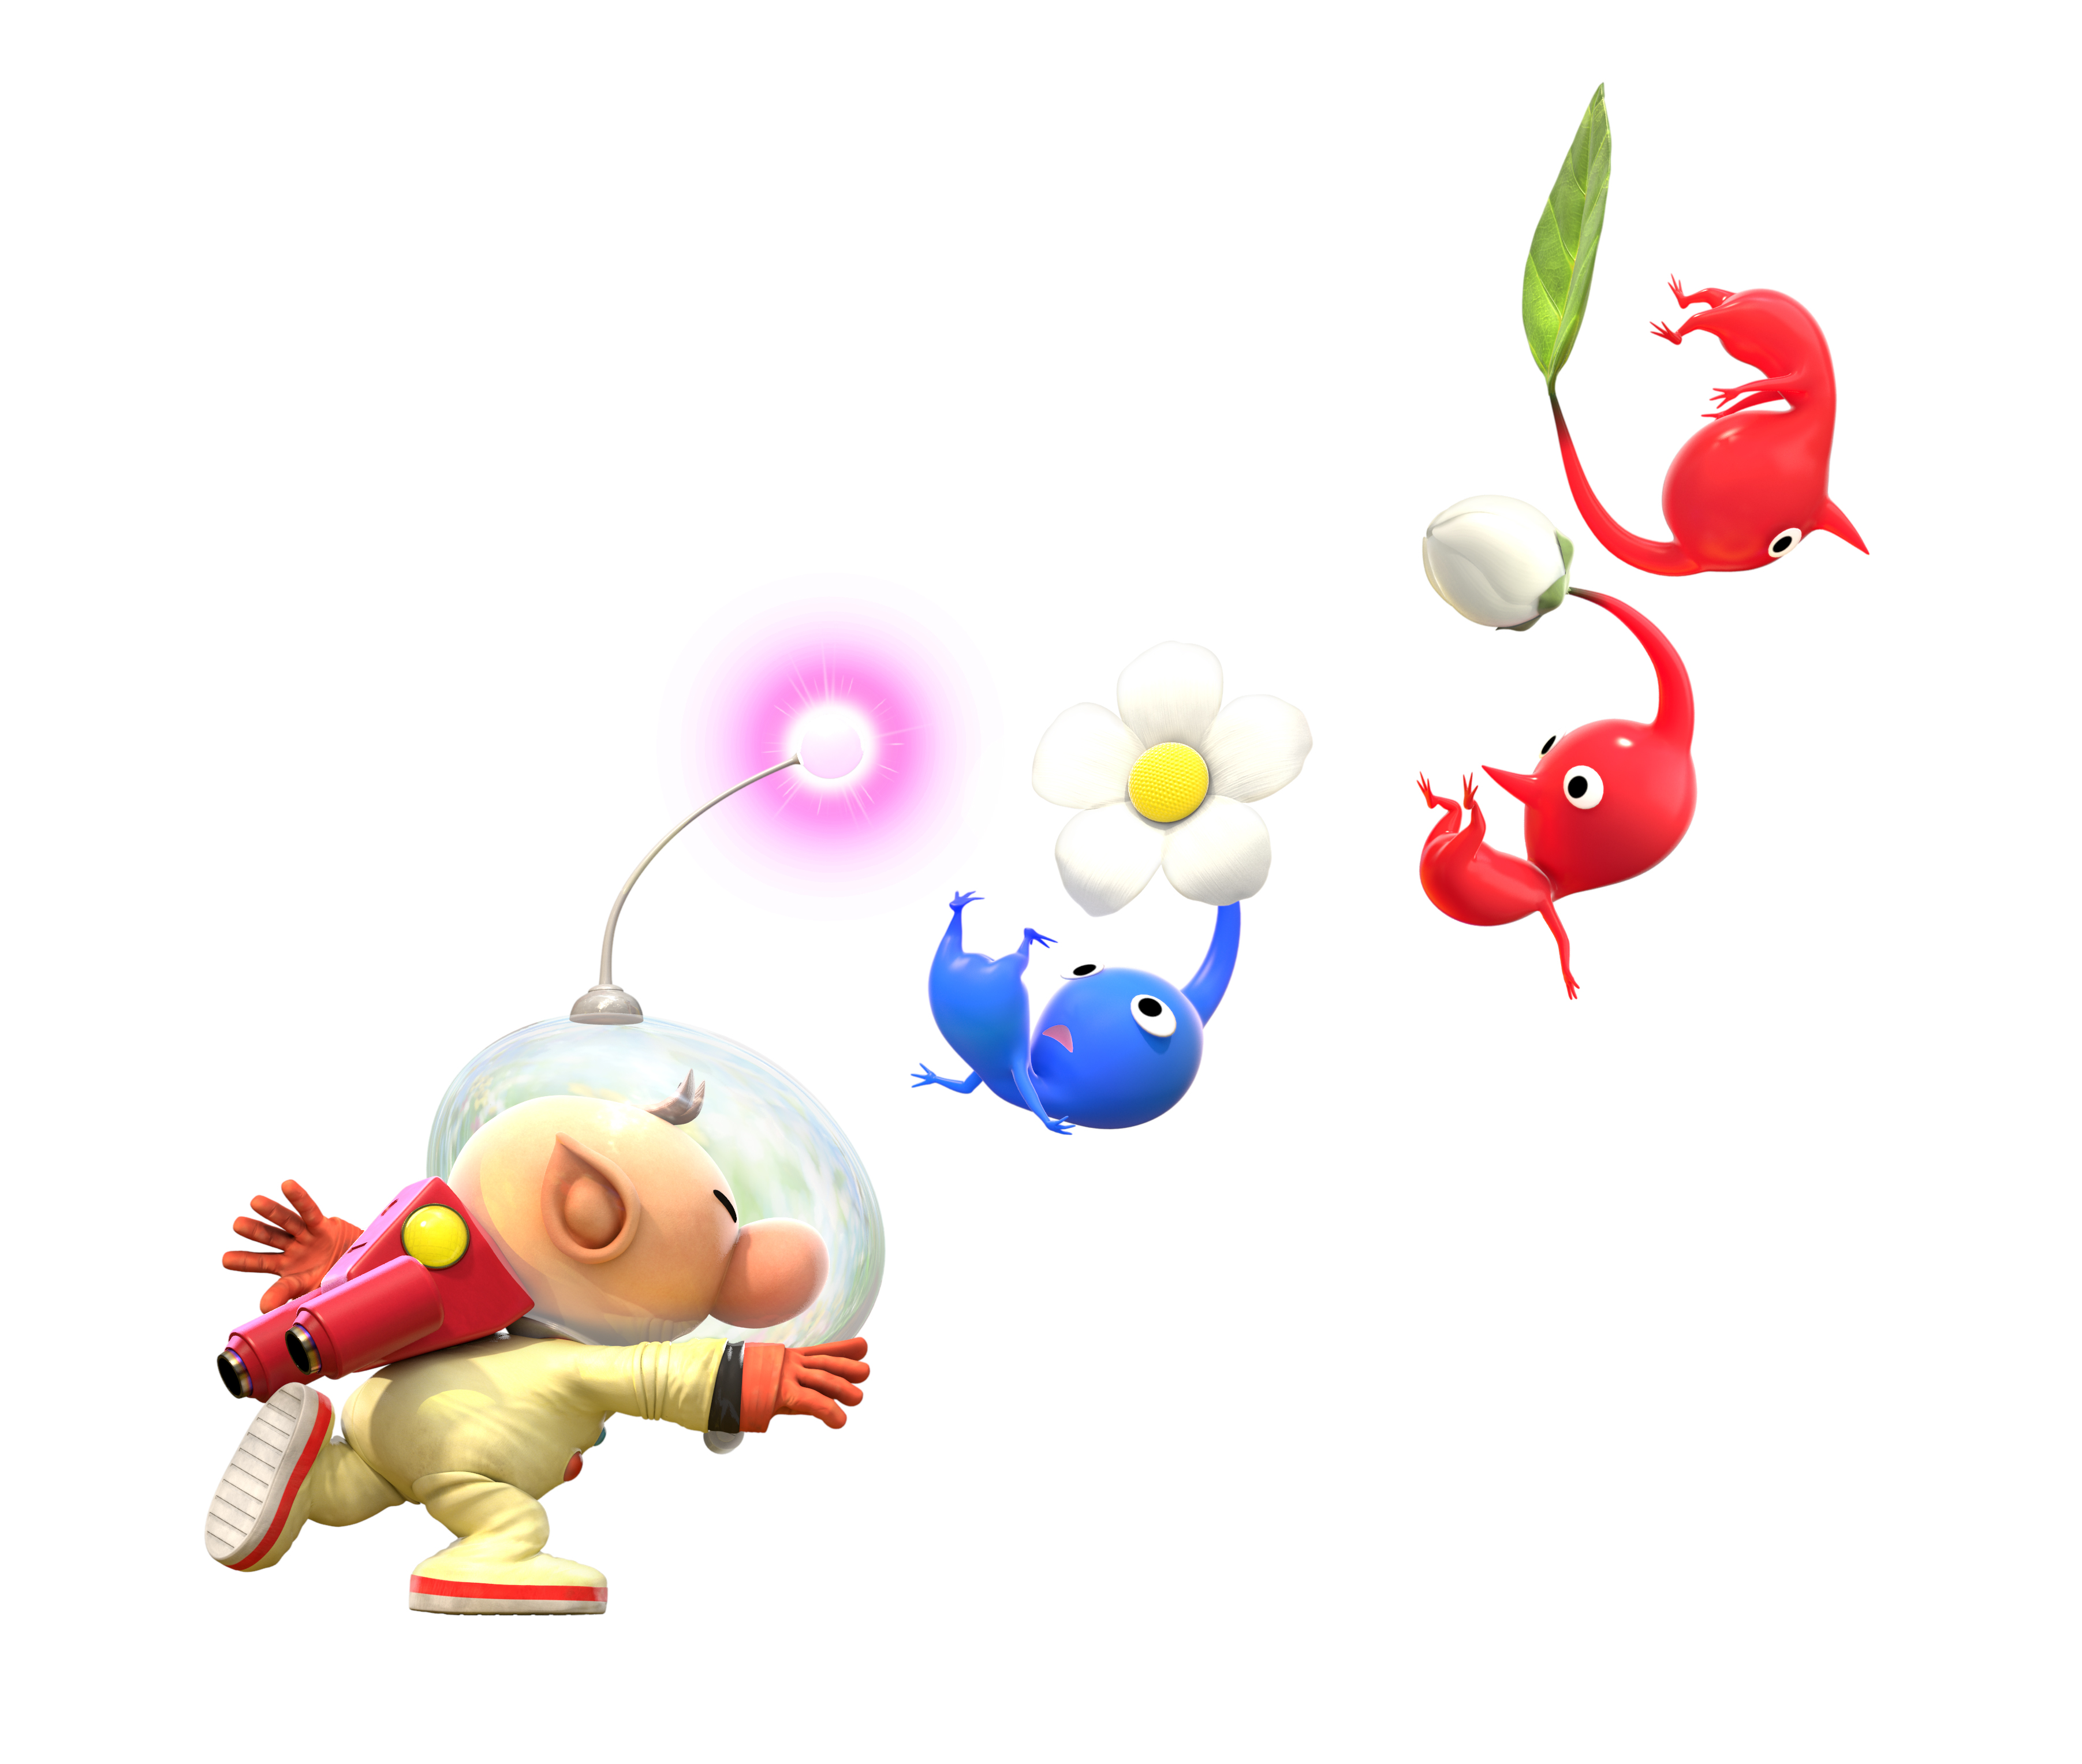 Oznámena hra Hey! Pikmin pro 3DS 142006